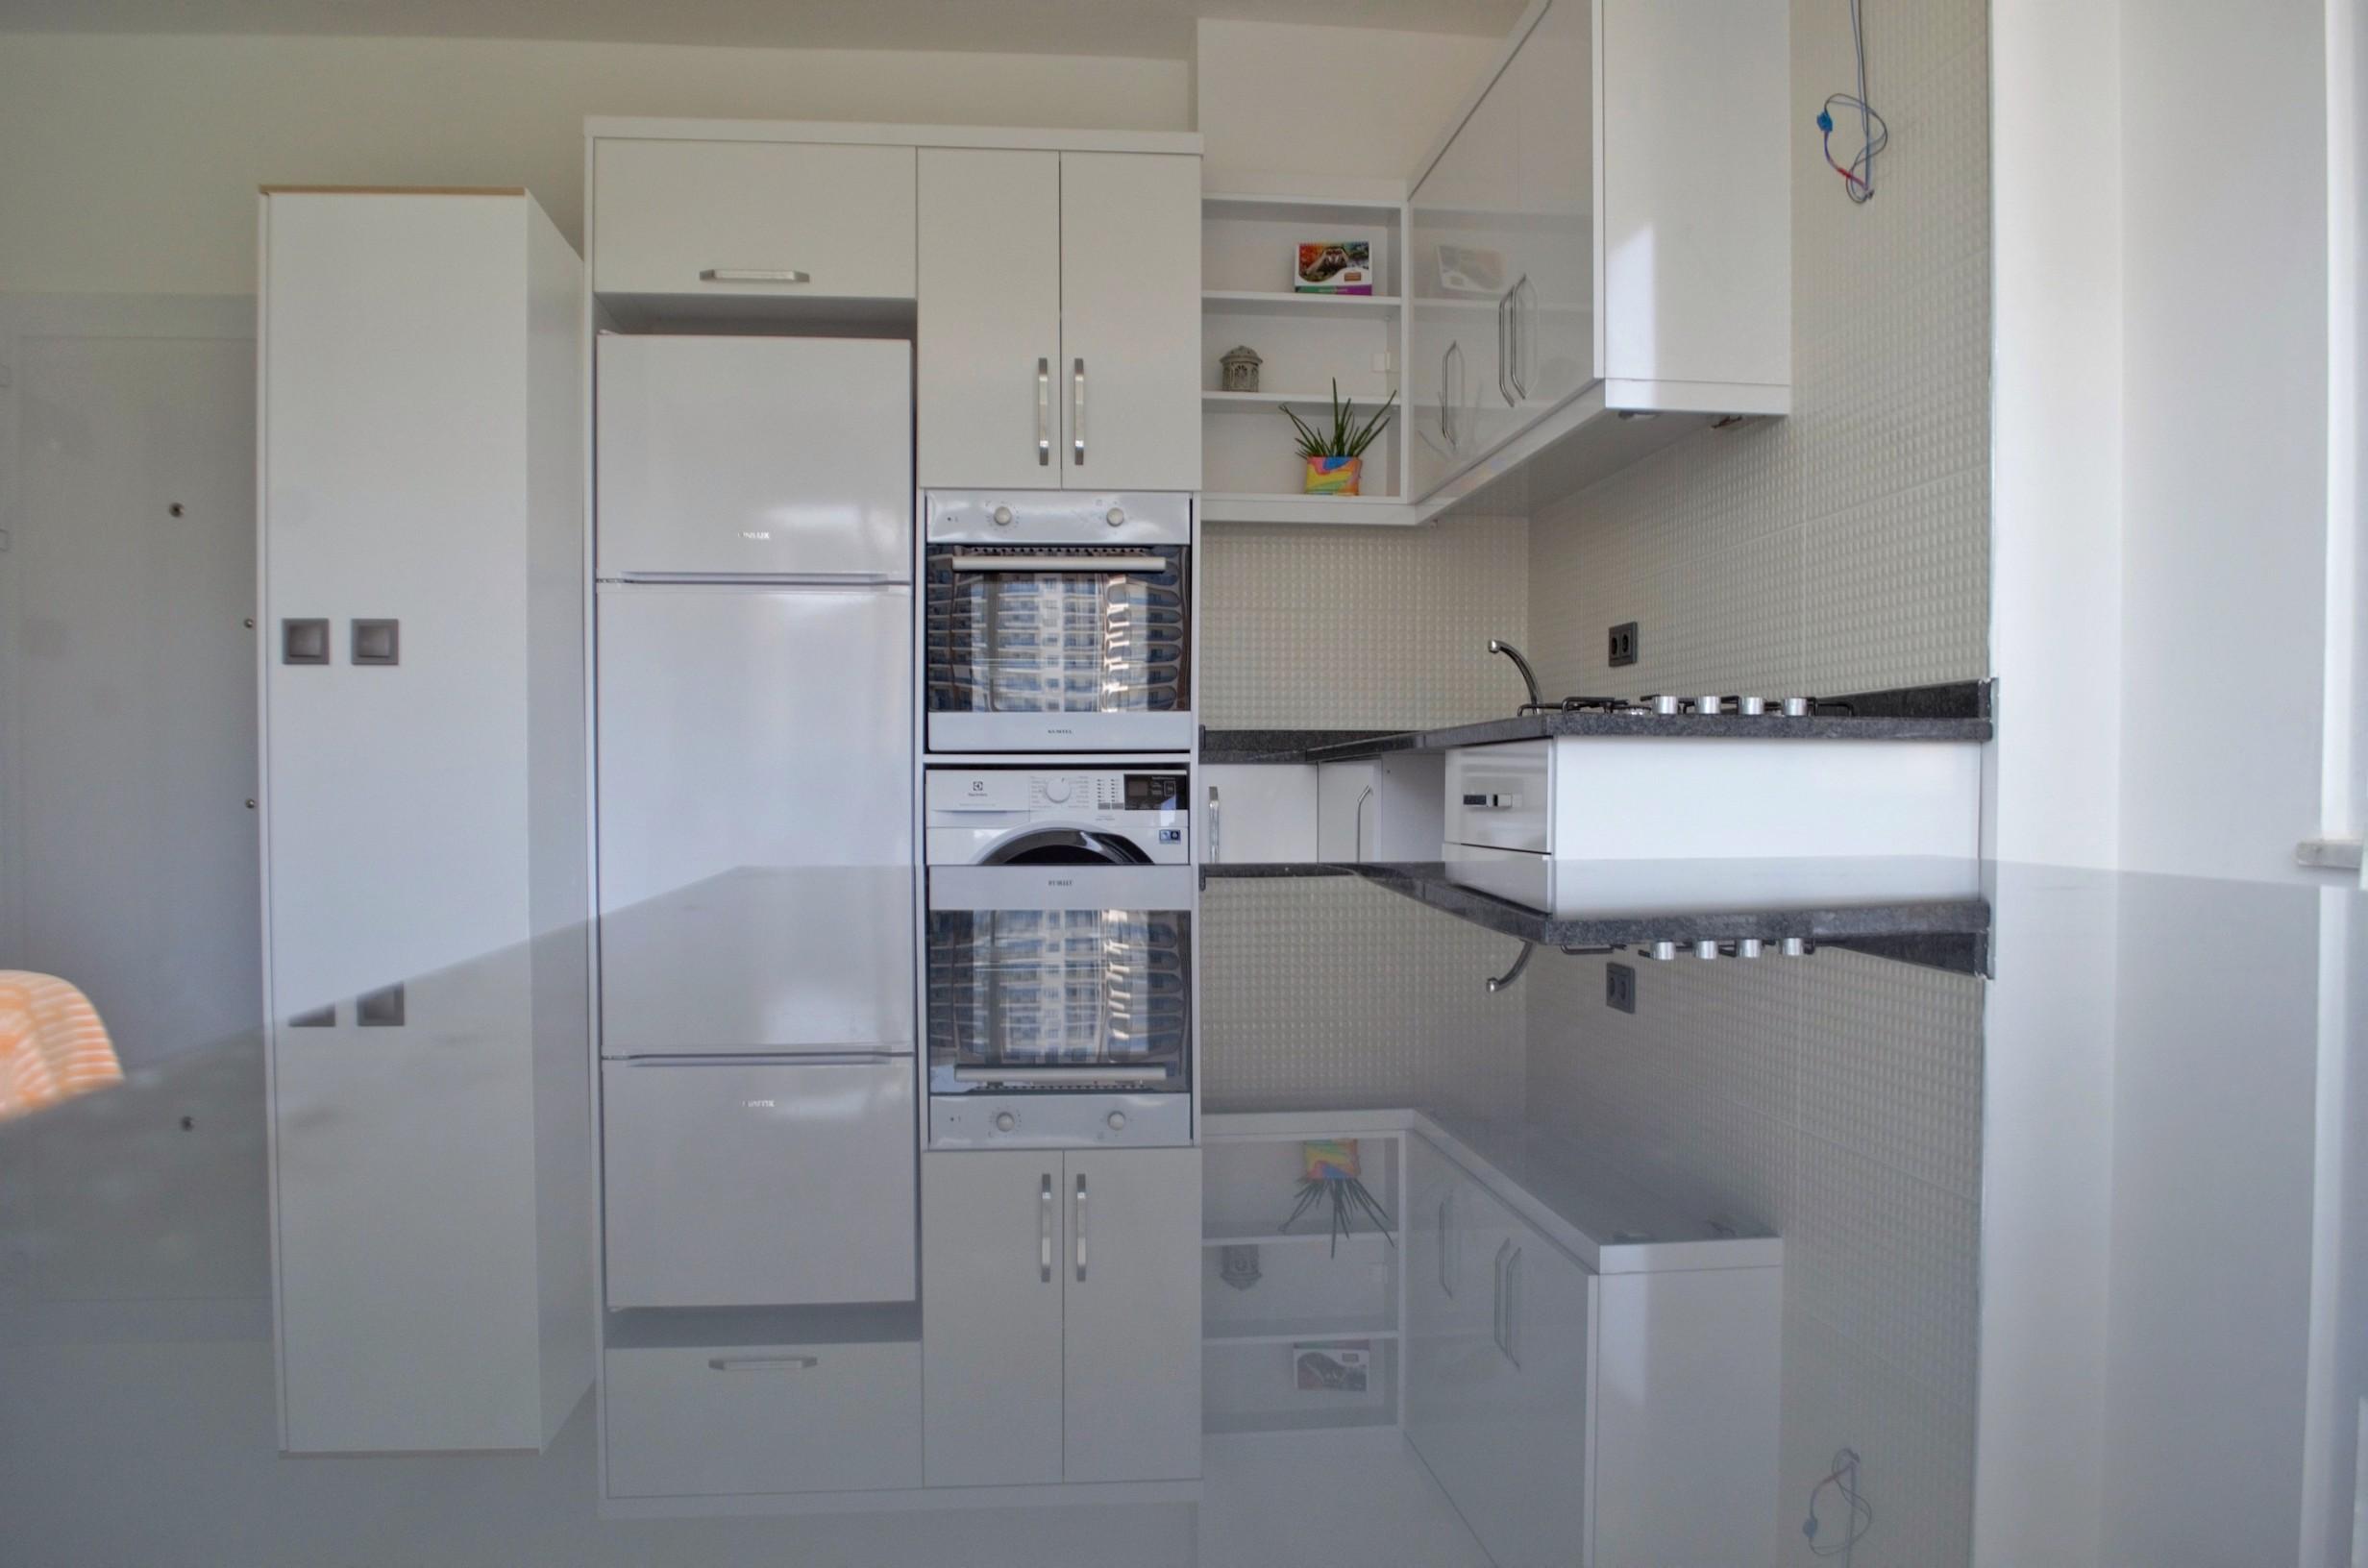 Меблированная квартира 1+1 в комплексе с инфраструктурой - Фото 14